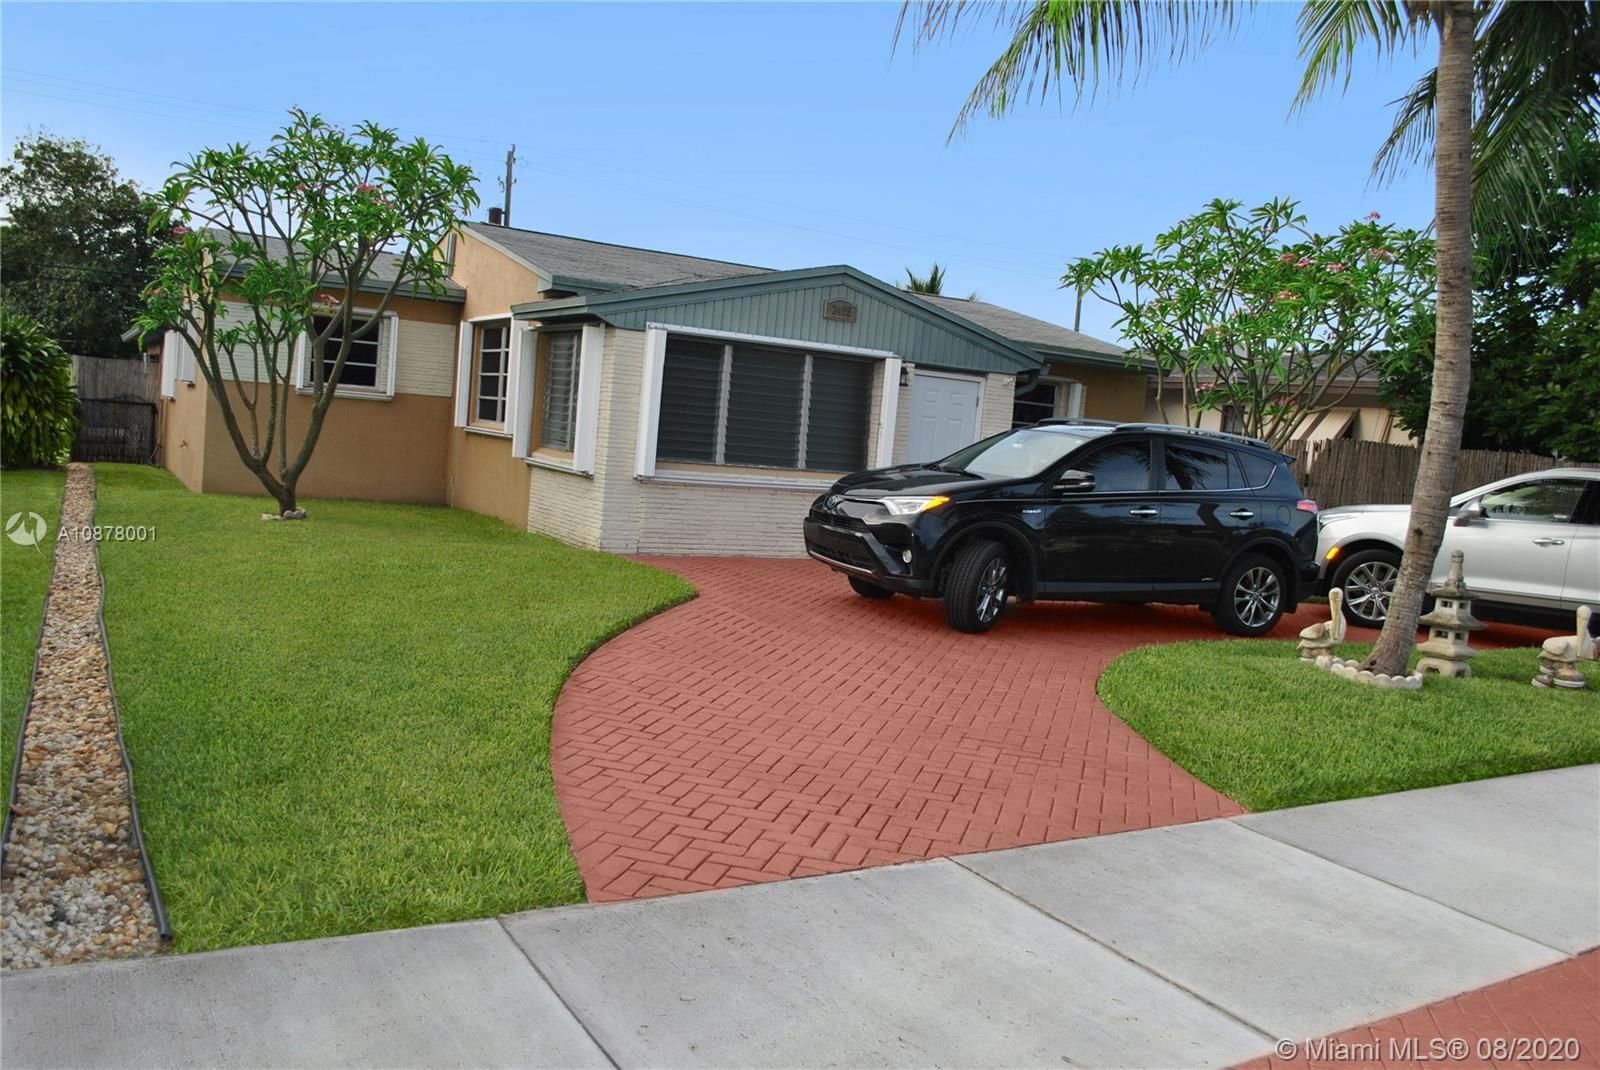 2415  Roosevelt St  For Sale A10878001, FL